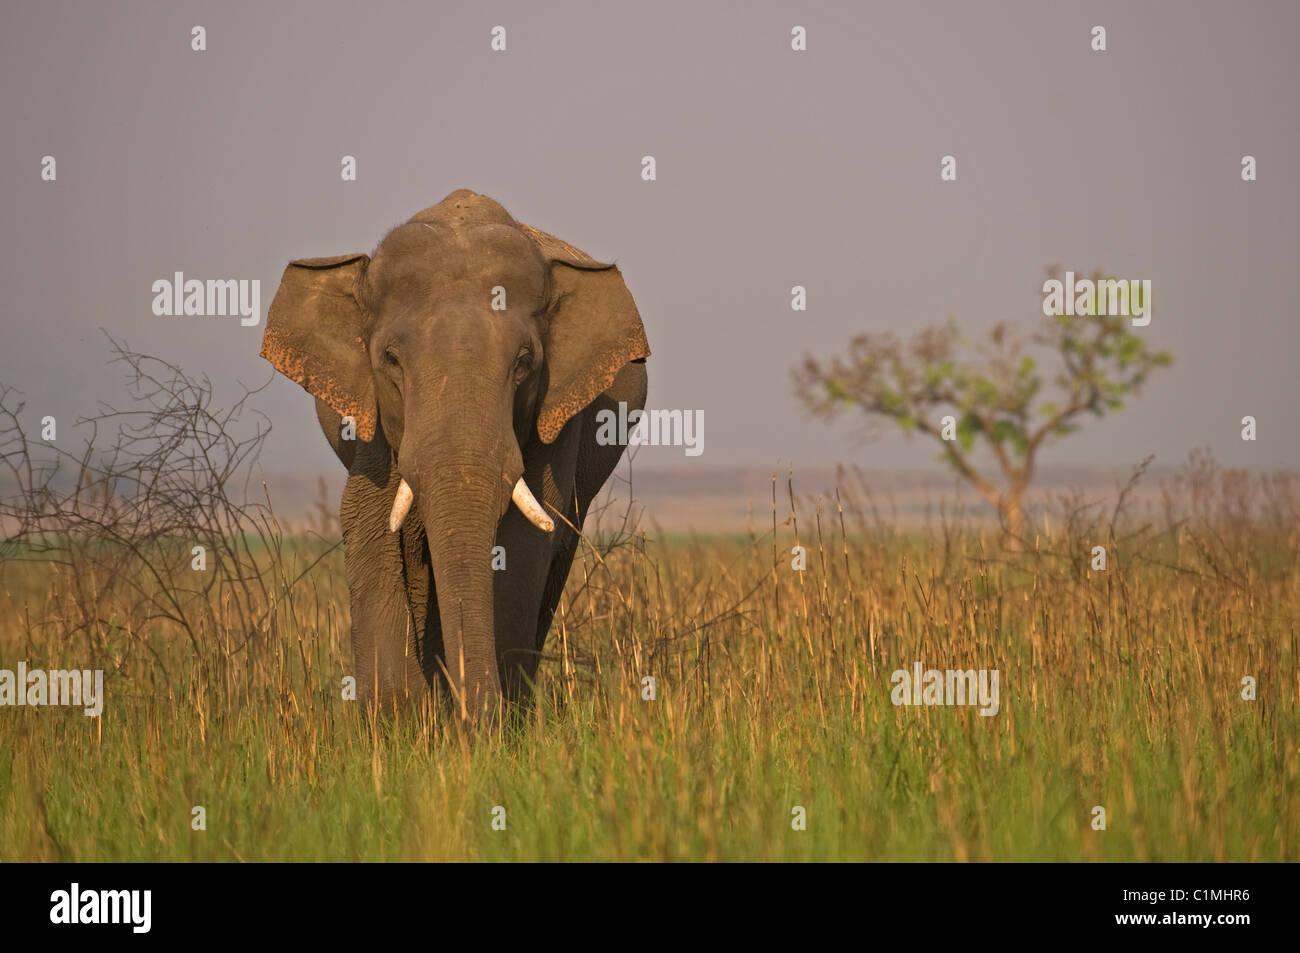 L'éléphant d'Asie Elephas maximus Corbett, Inde Photo Stock